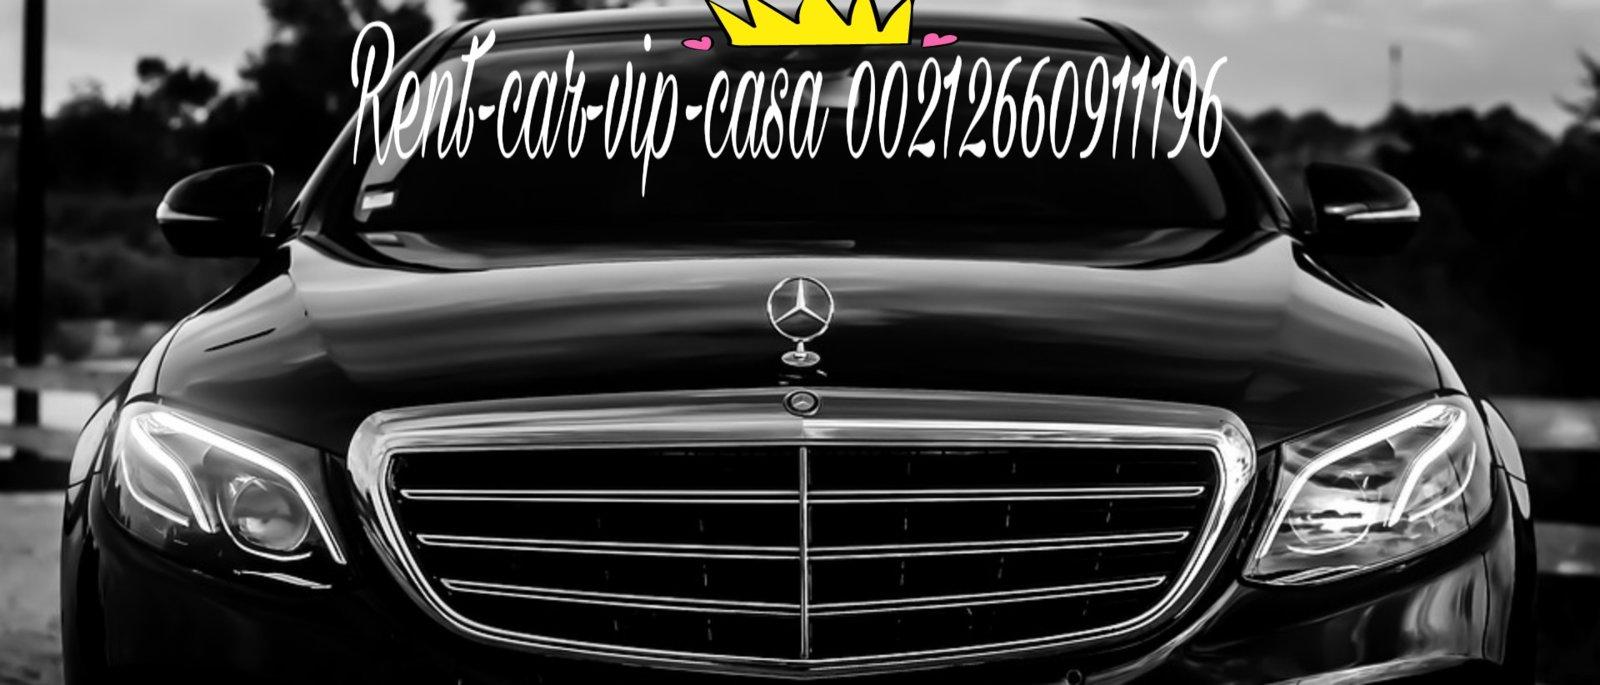 580118 المسافرون العرب تأجير سيارات في المغرب عرض خاص